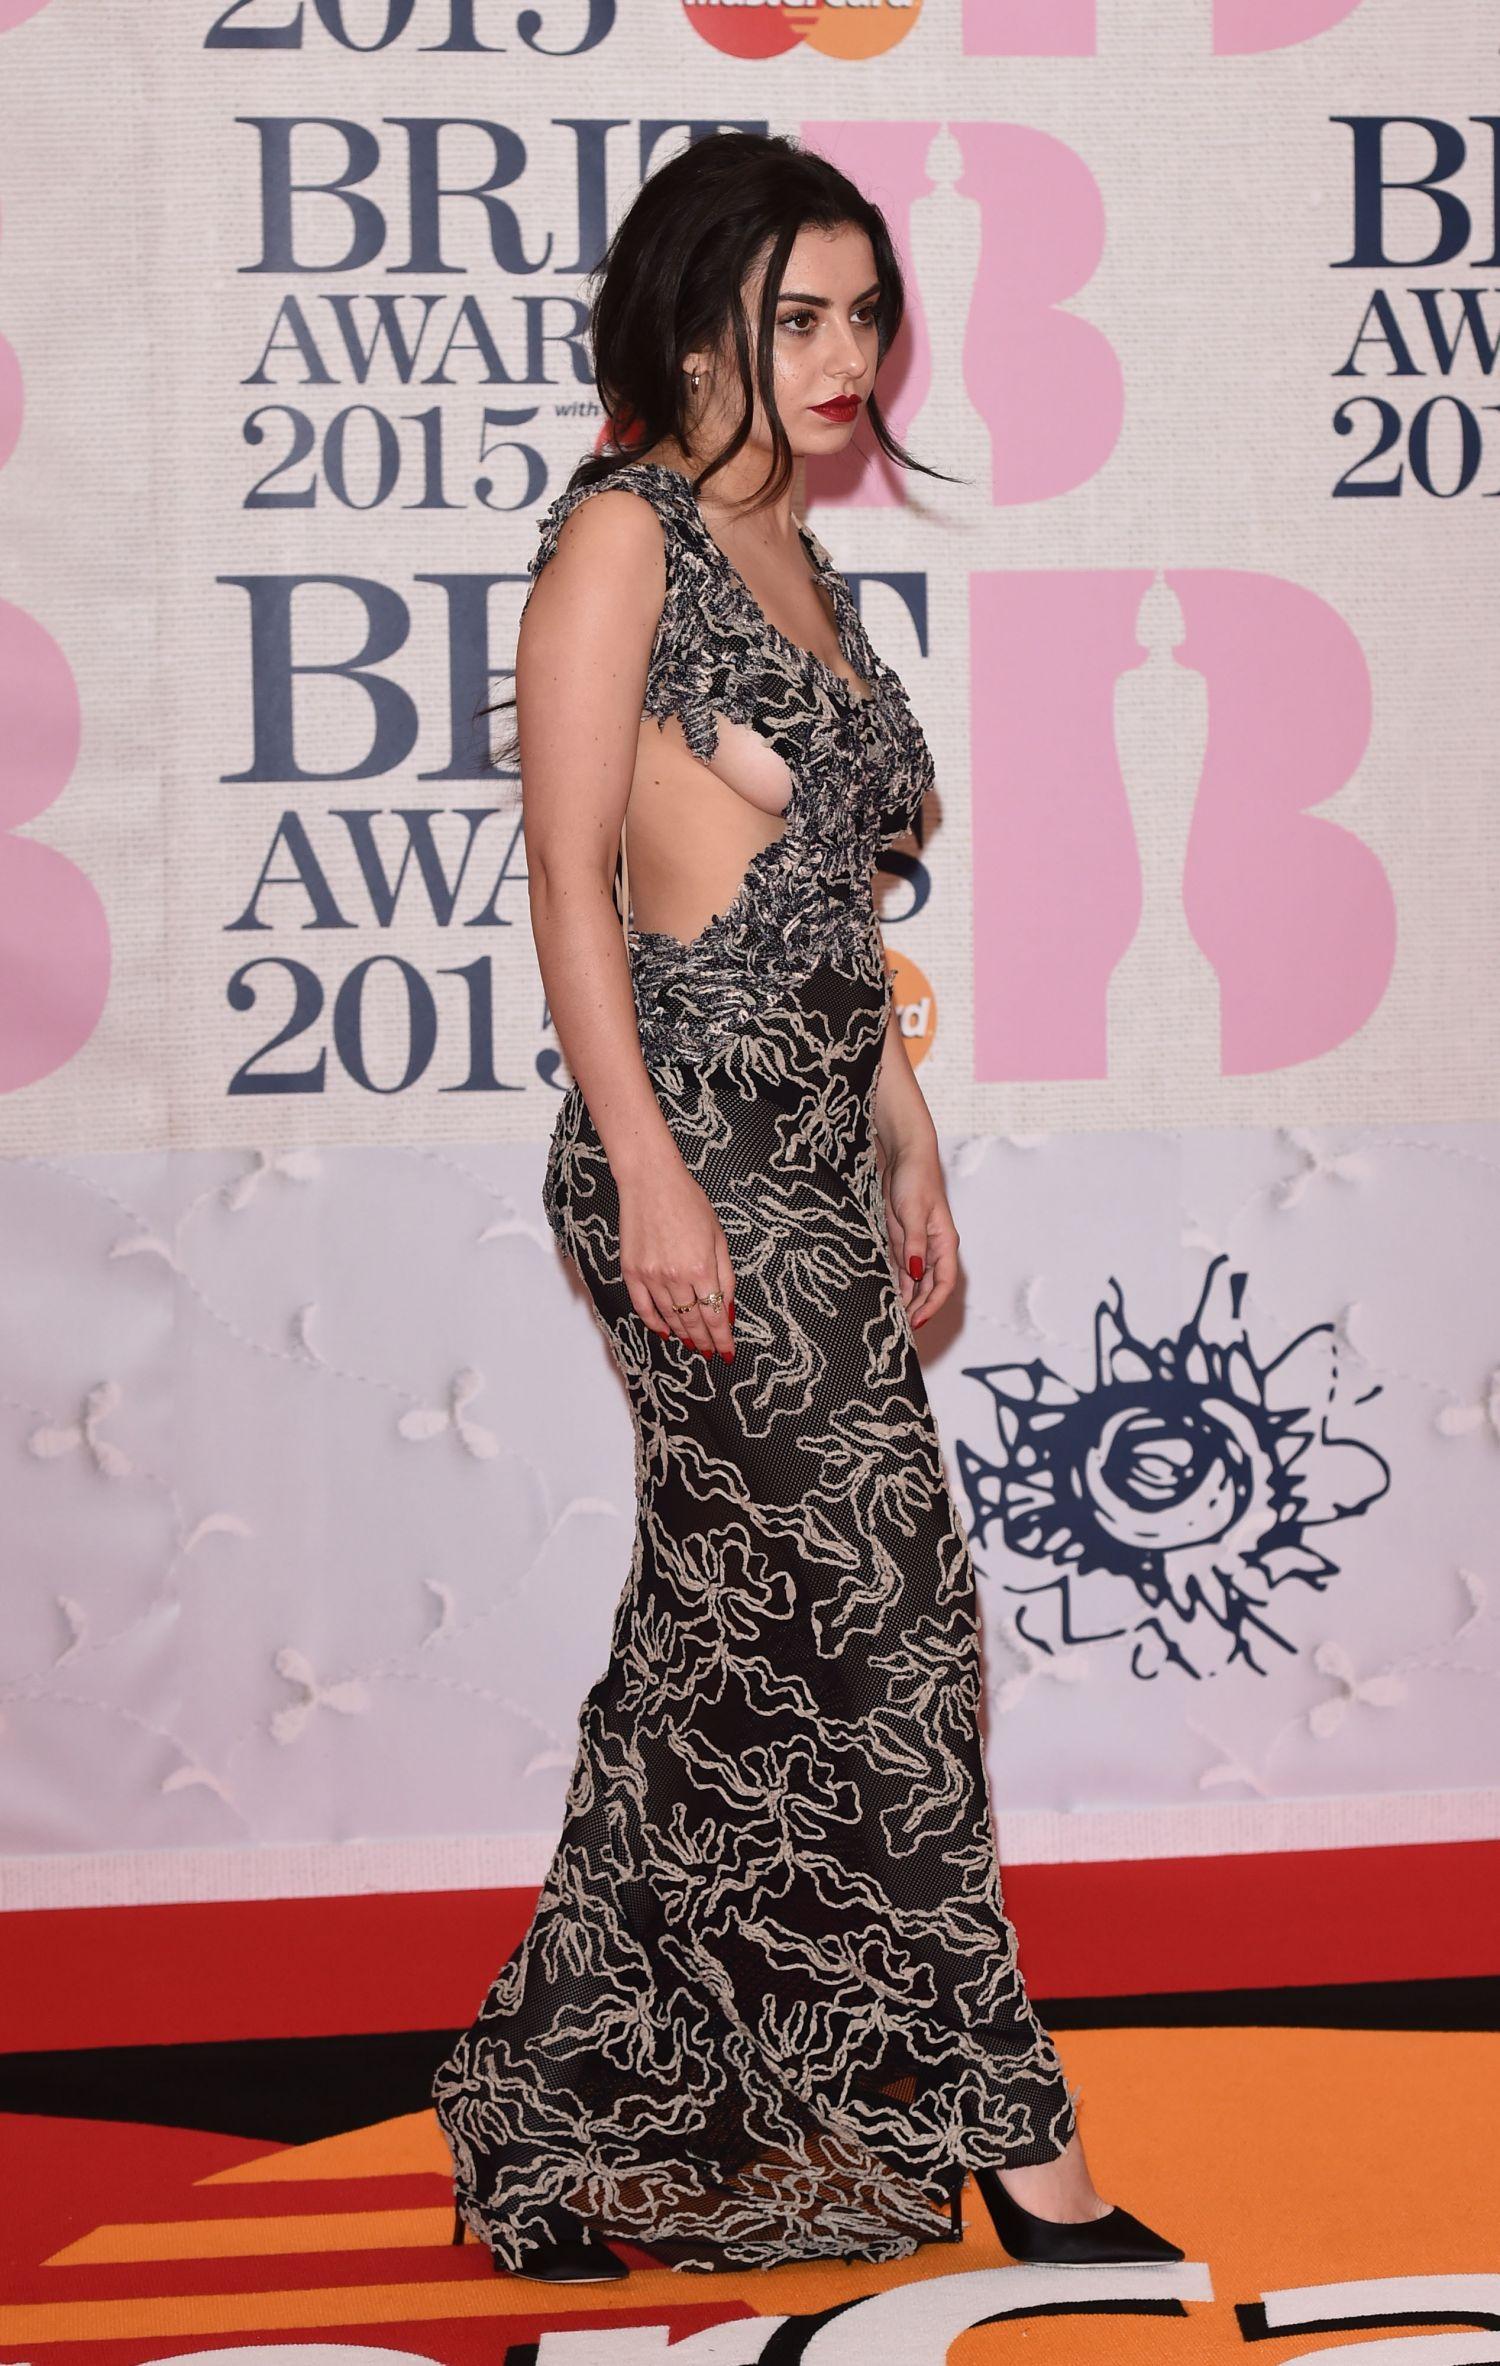 charli-xcx-sideboob-at-the-brit-awards-4